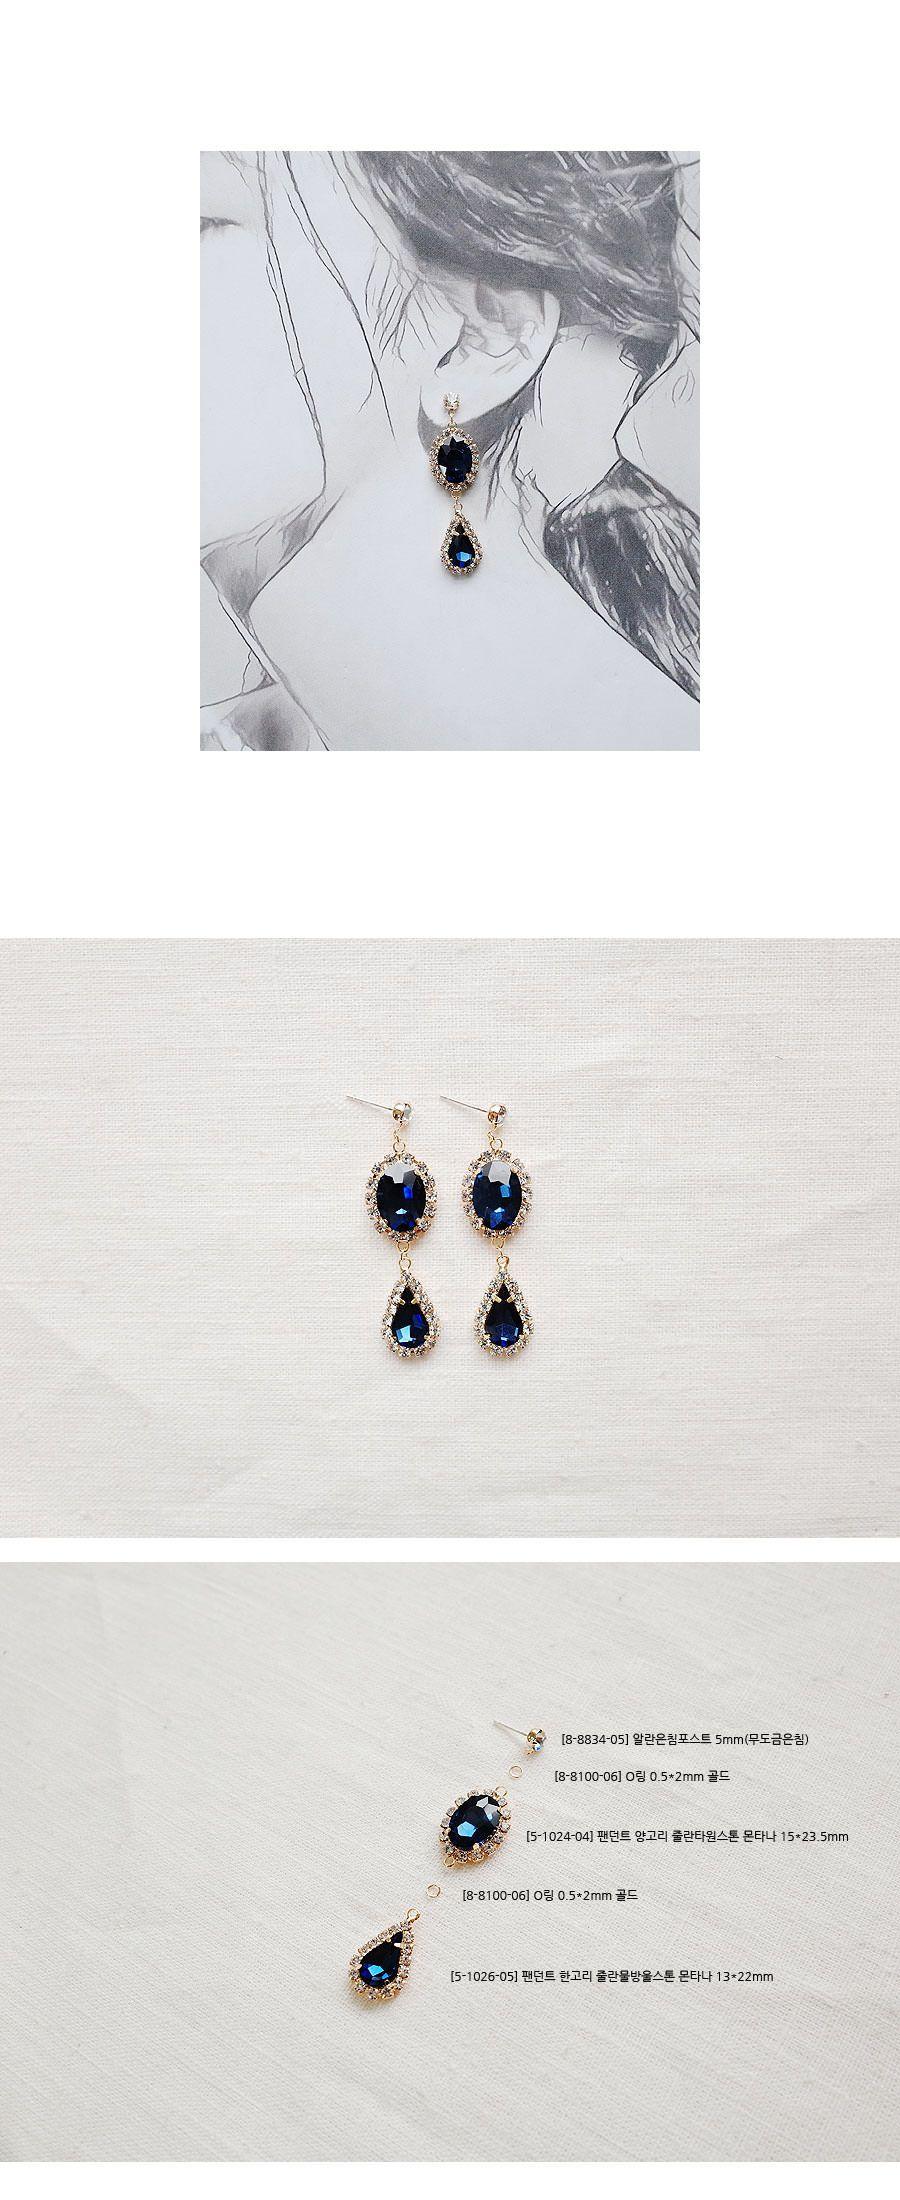 악세사리 부자재 전문 쇼핑몰 팝비즈.   귀걸이, 악세사리, 수공예품